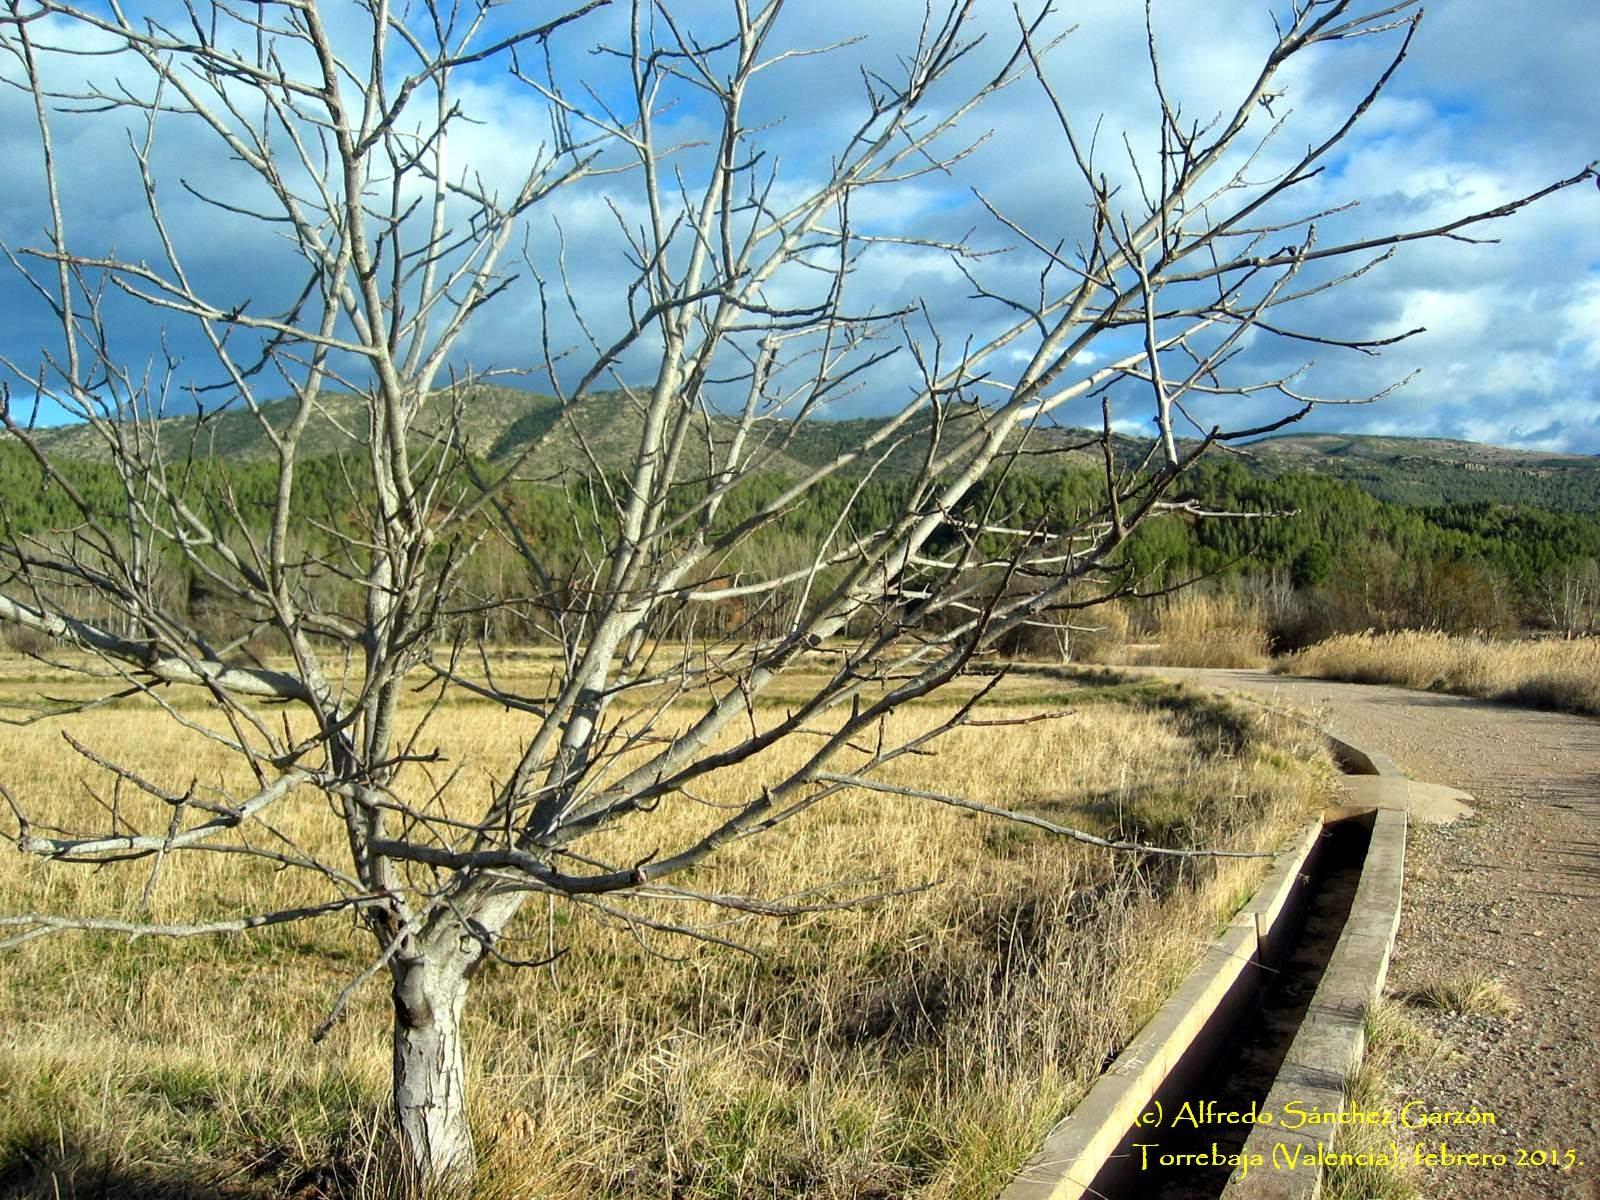 torrebaja-valencia-noguera-camino